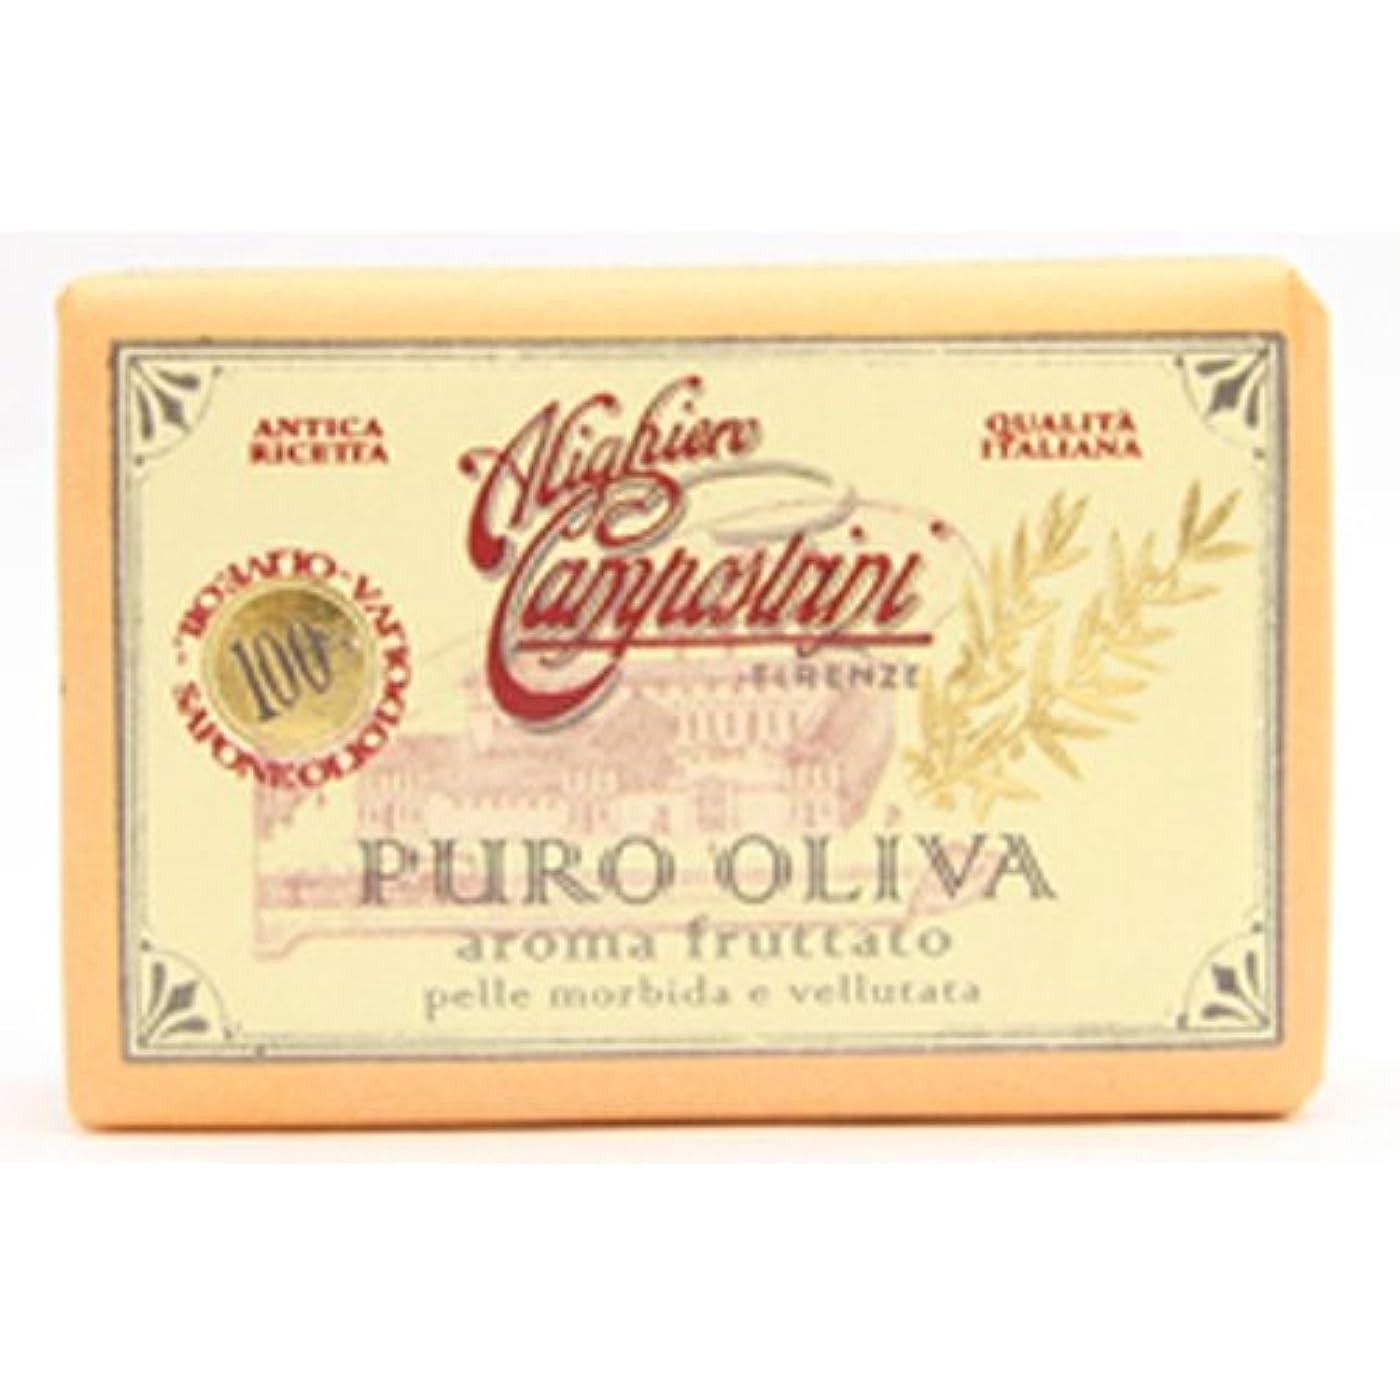 ではごきげんようフィット最もSaponerire Fissi サポネリーフィッシー PURO OLIVA Soap オリーブオイル ピュロ ソープ Aroma fruttato フルーツ(オレンジ)